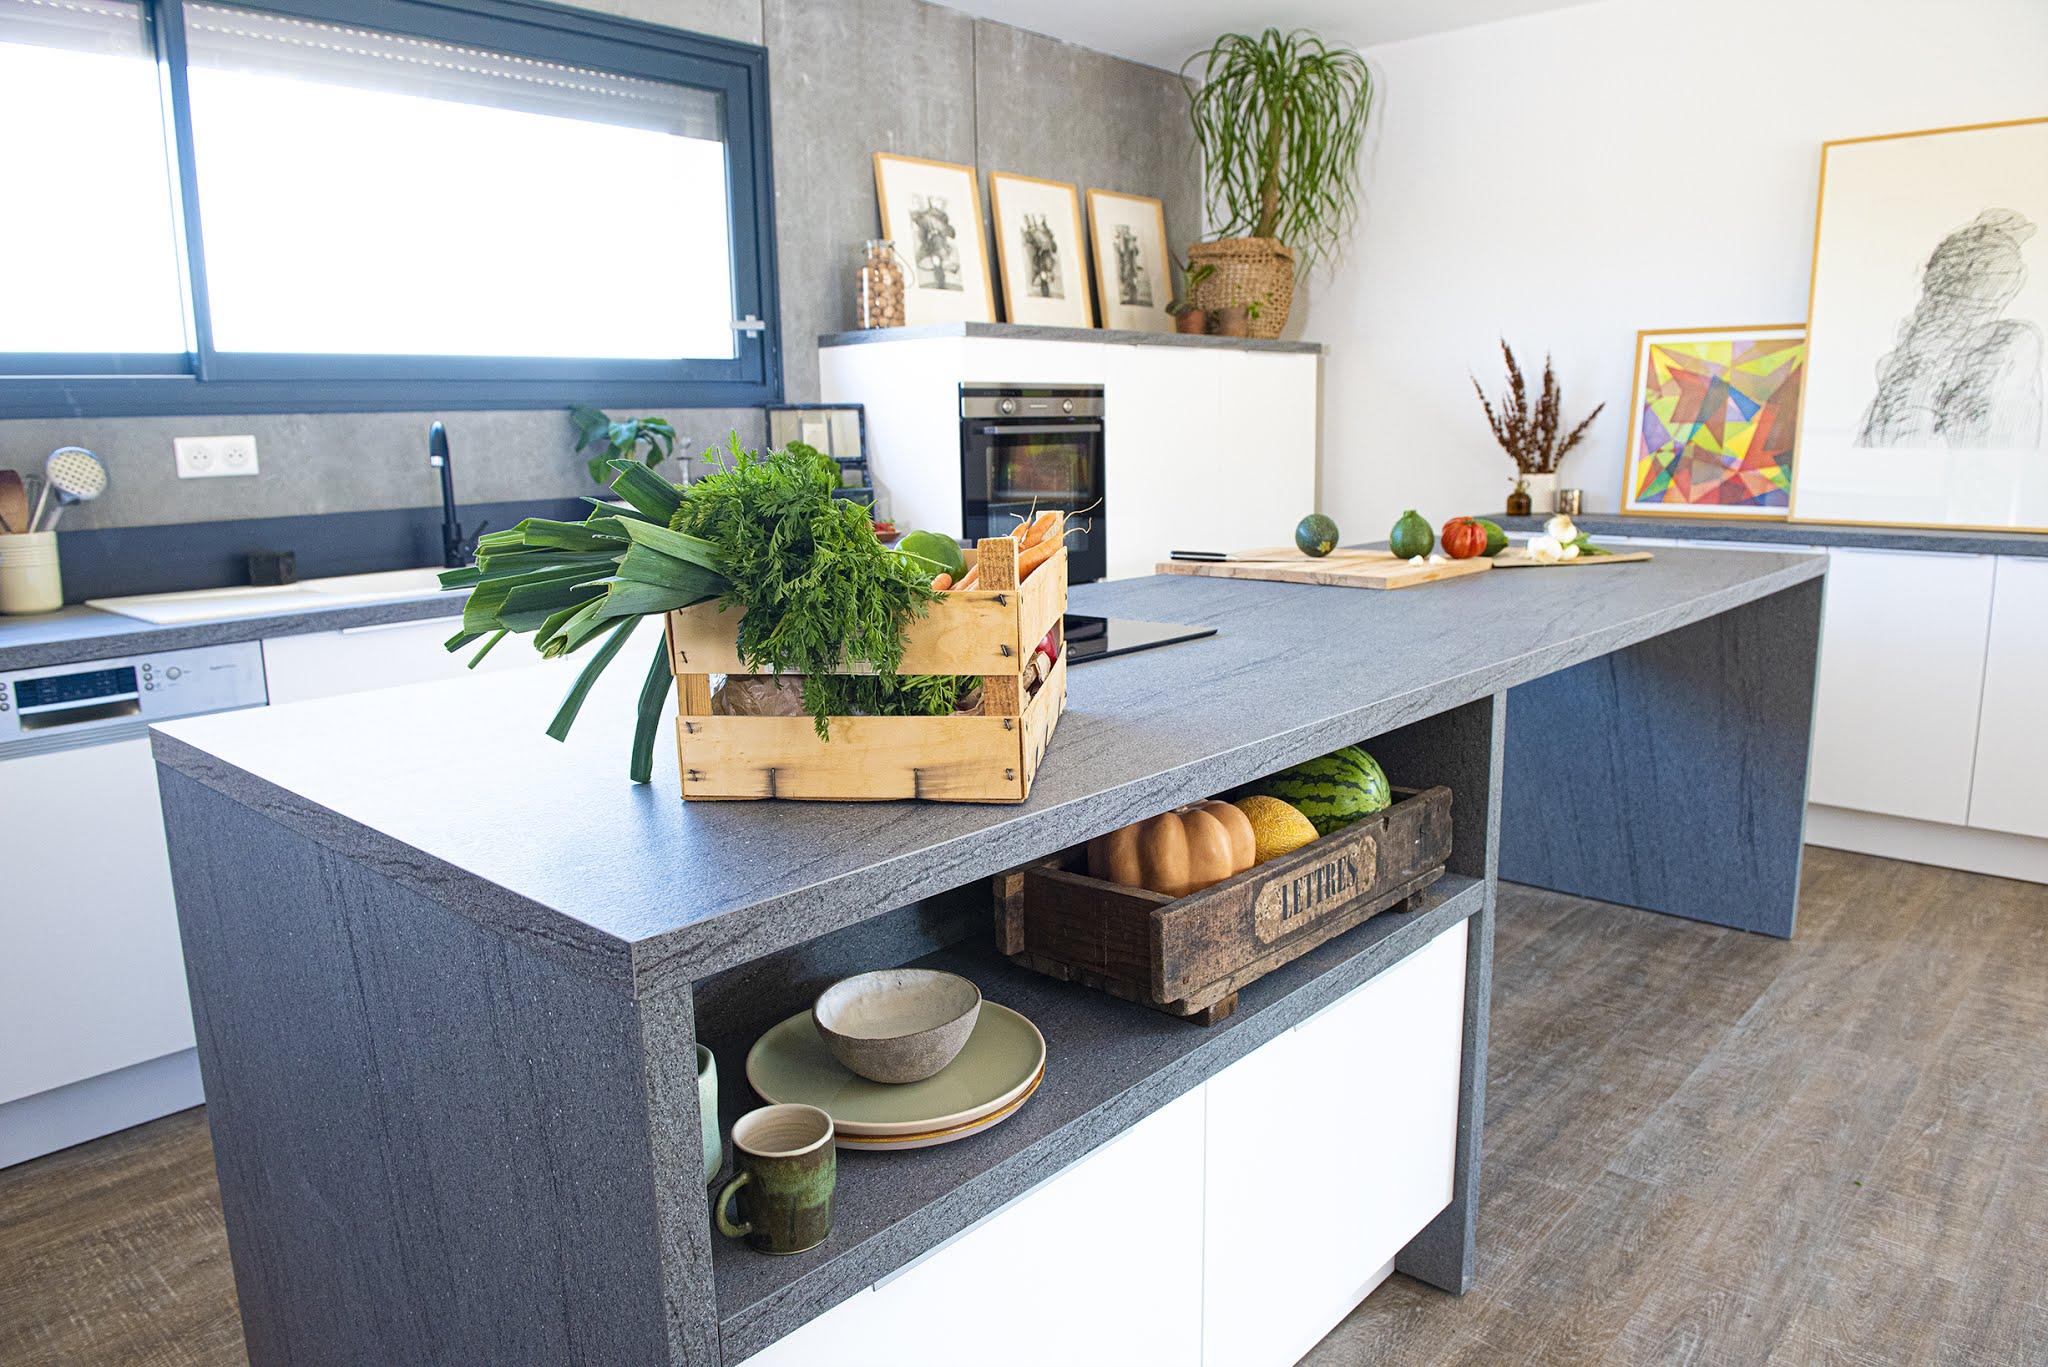 Table De Cuisine Gain De Place comment gagner de la place dans une cuisine - nos astuces